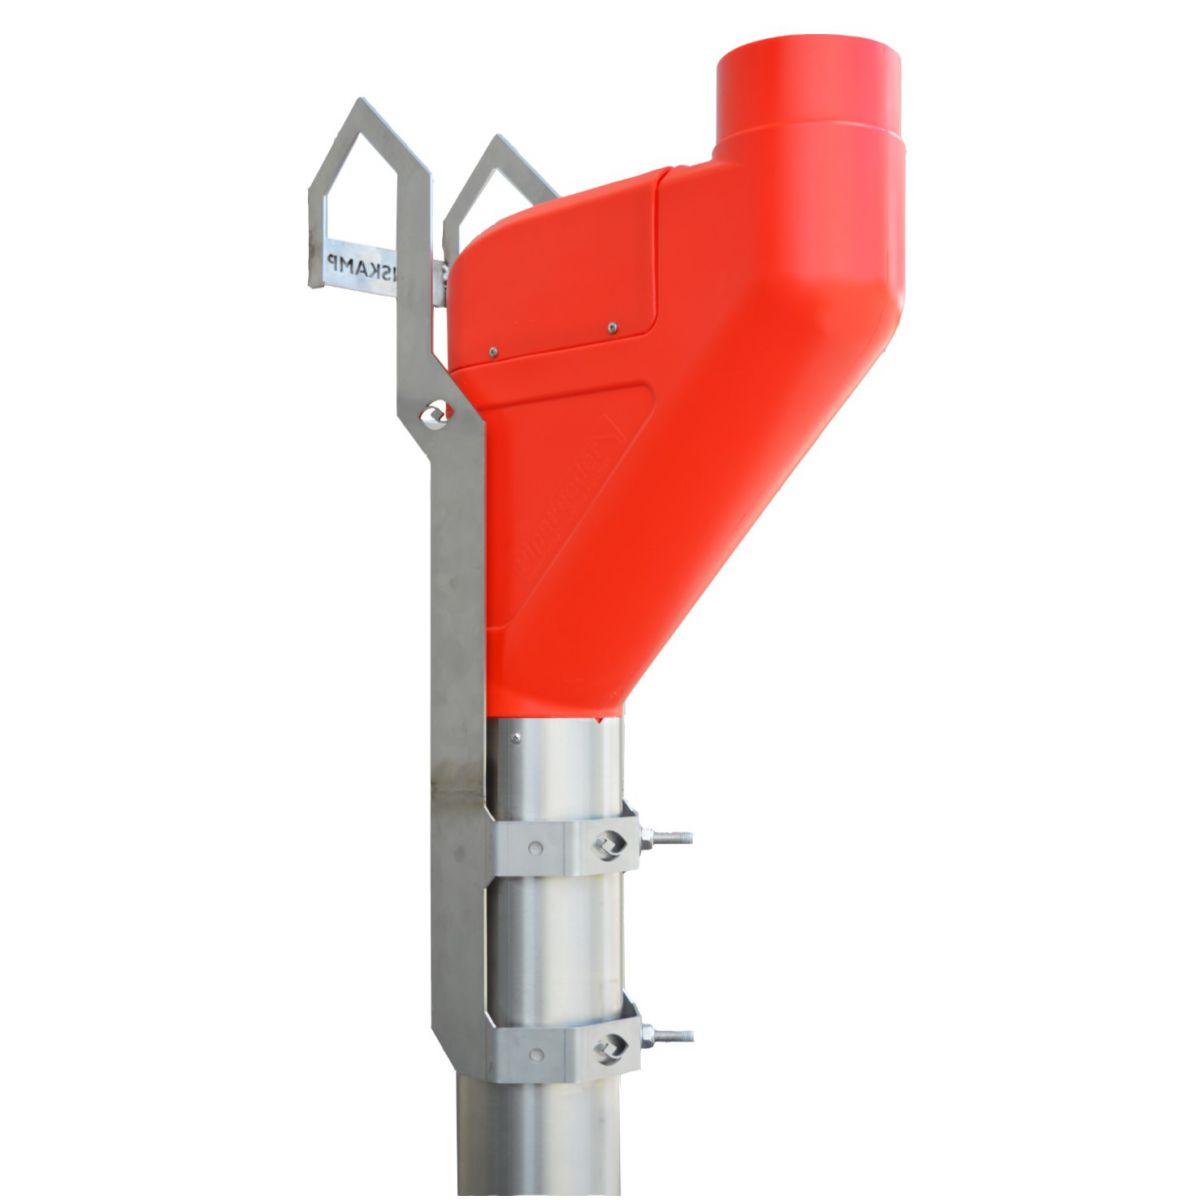 pipefeeder montagehalterung fr lely a4a5 geeignet fr pipefeeder kurz